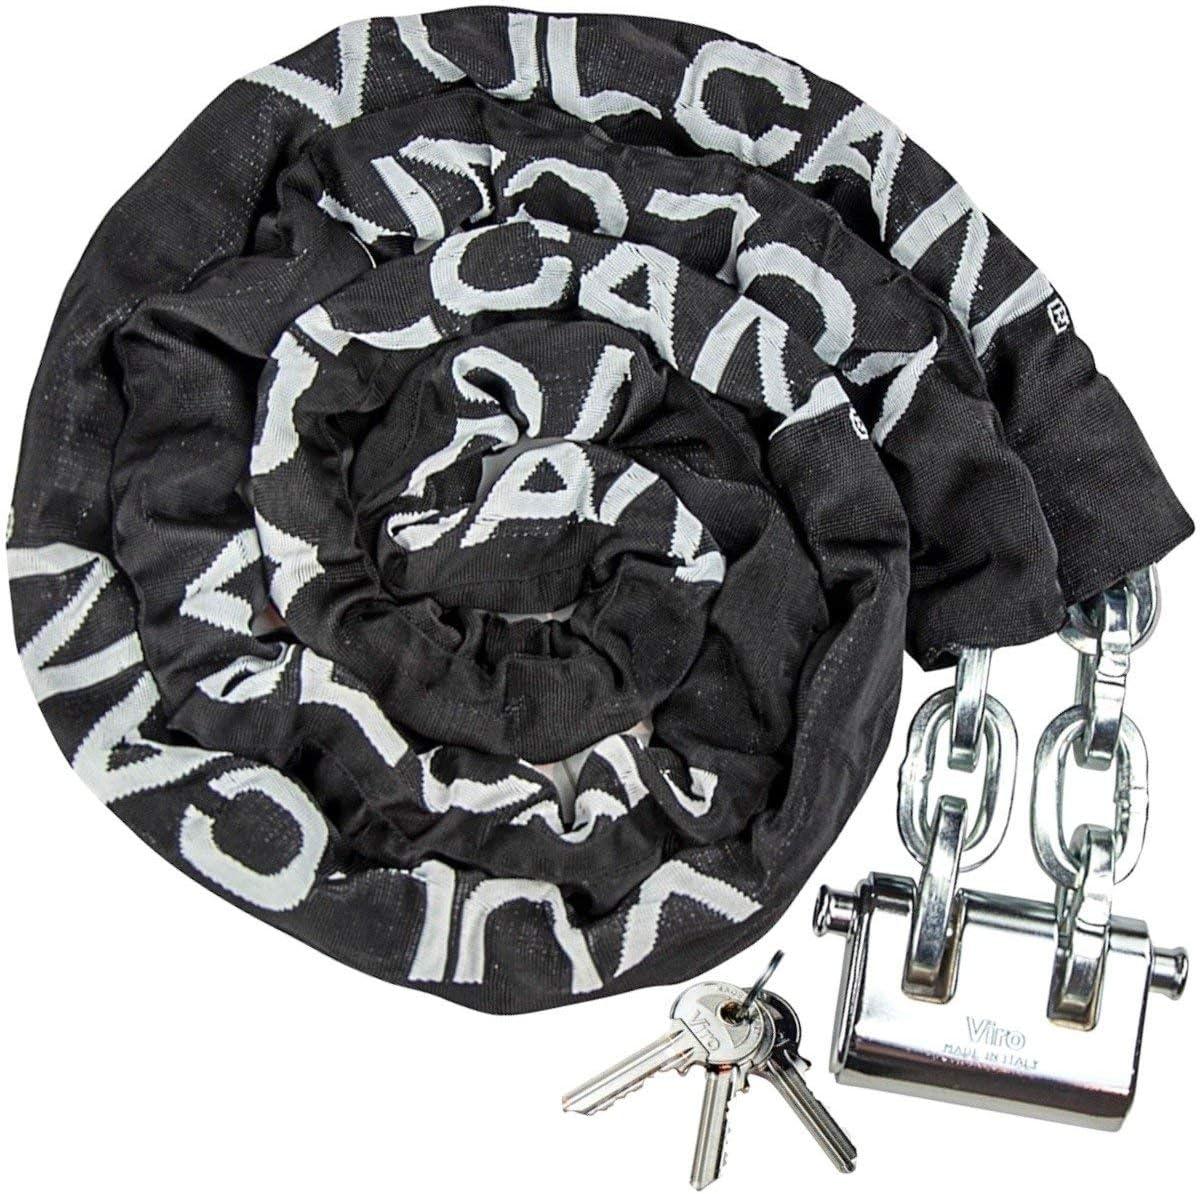 vulcan security chain lock